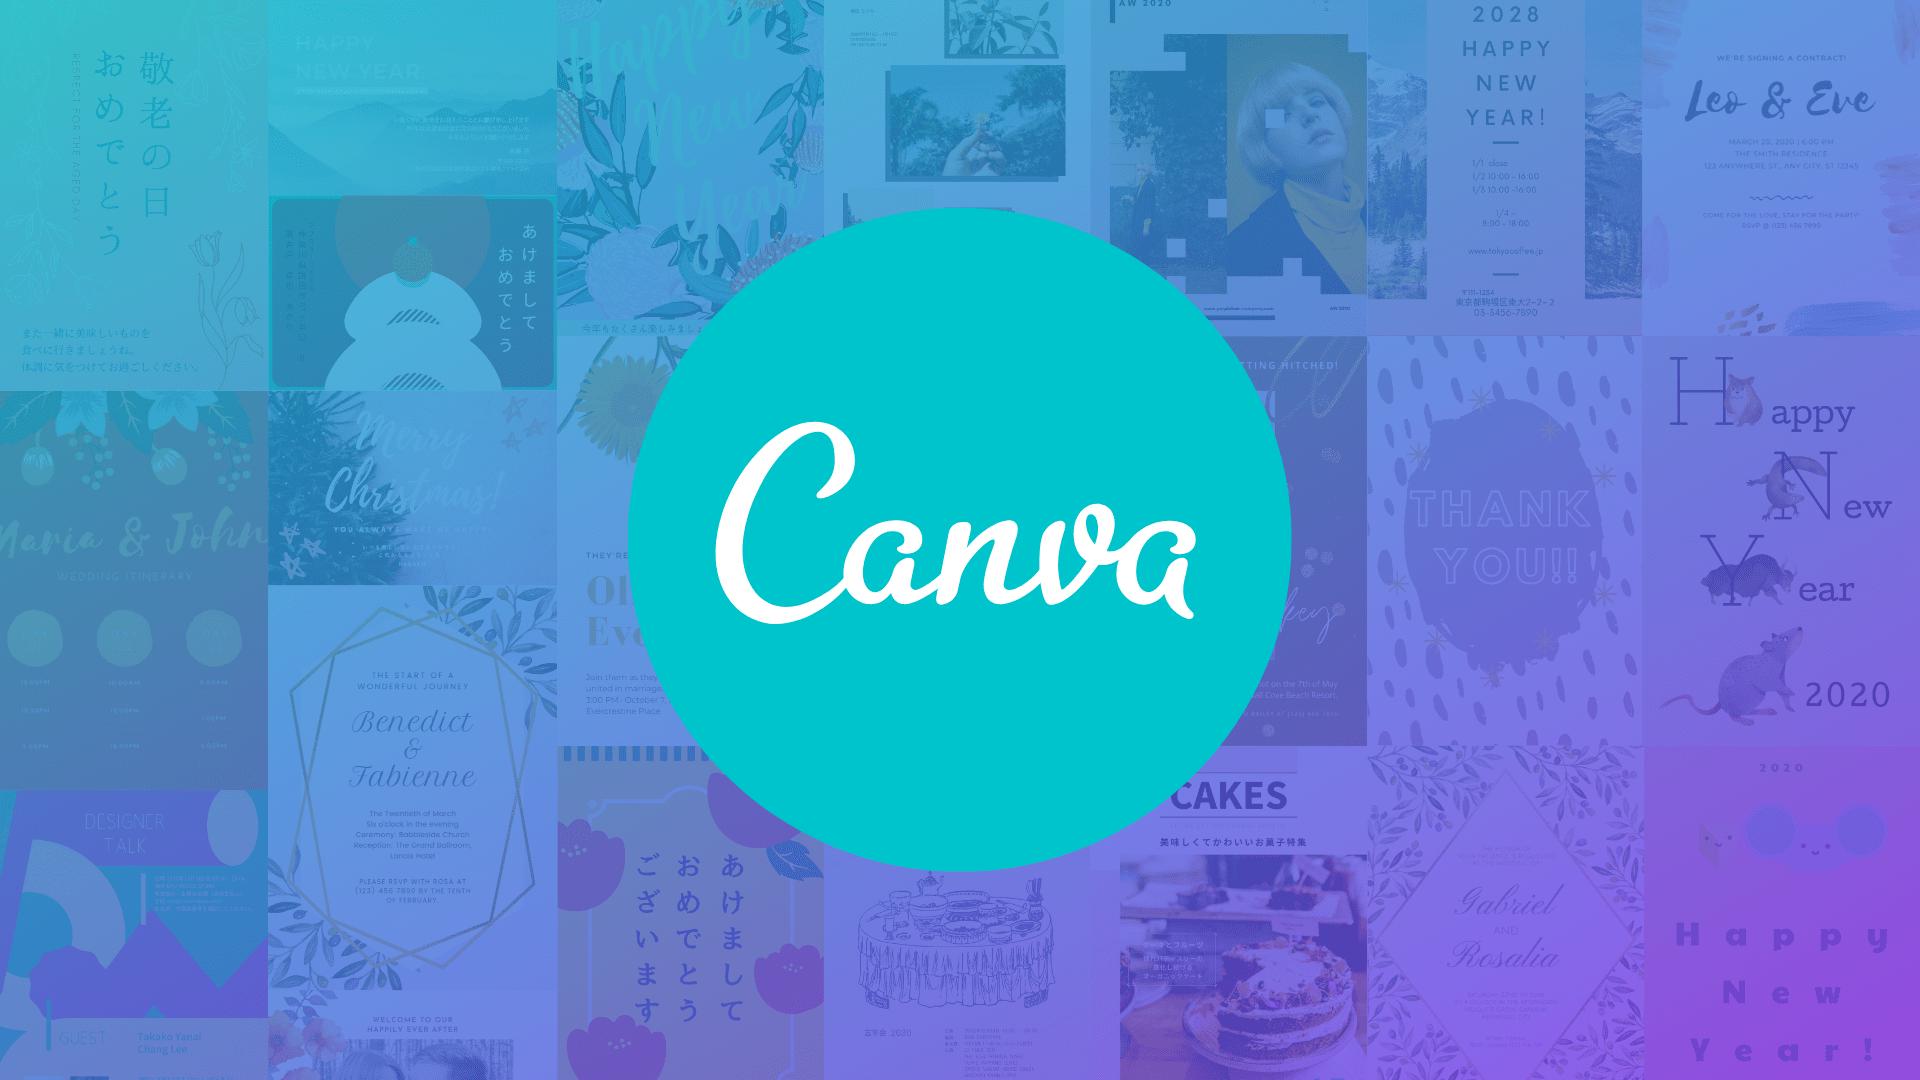 だれでも簡単にデザインができる無料ツールCanvaとは?